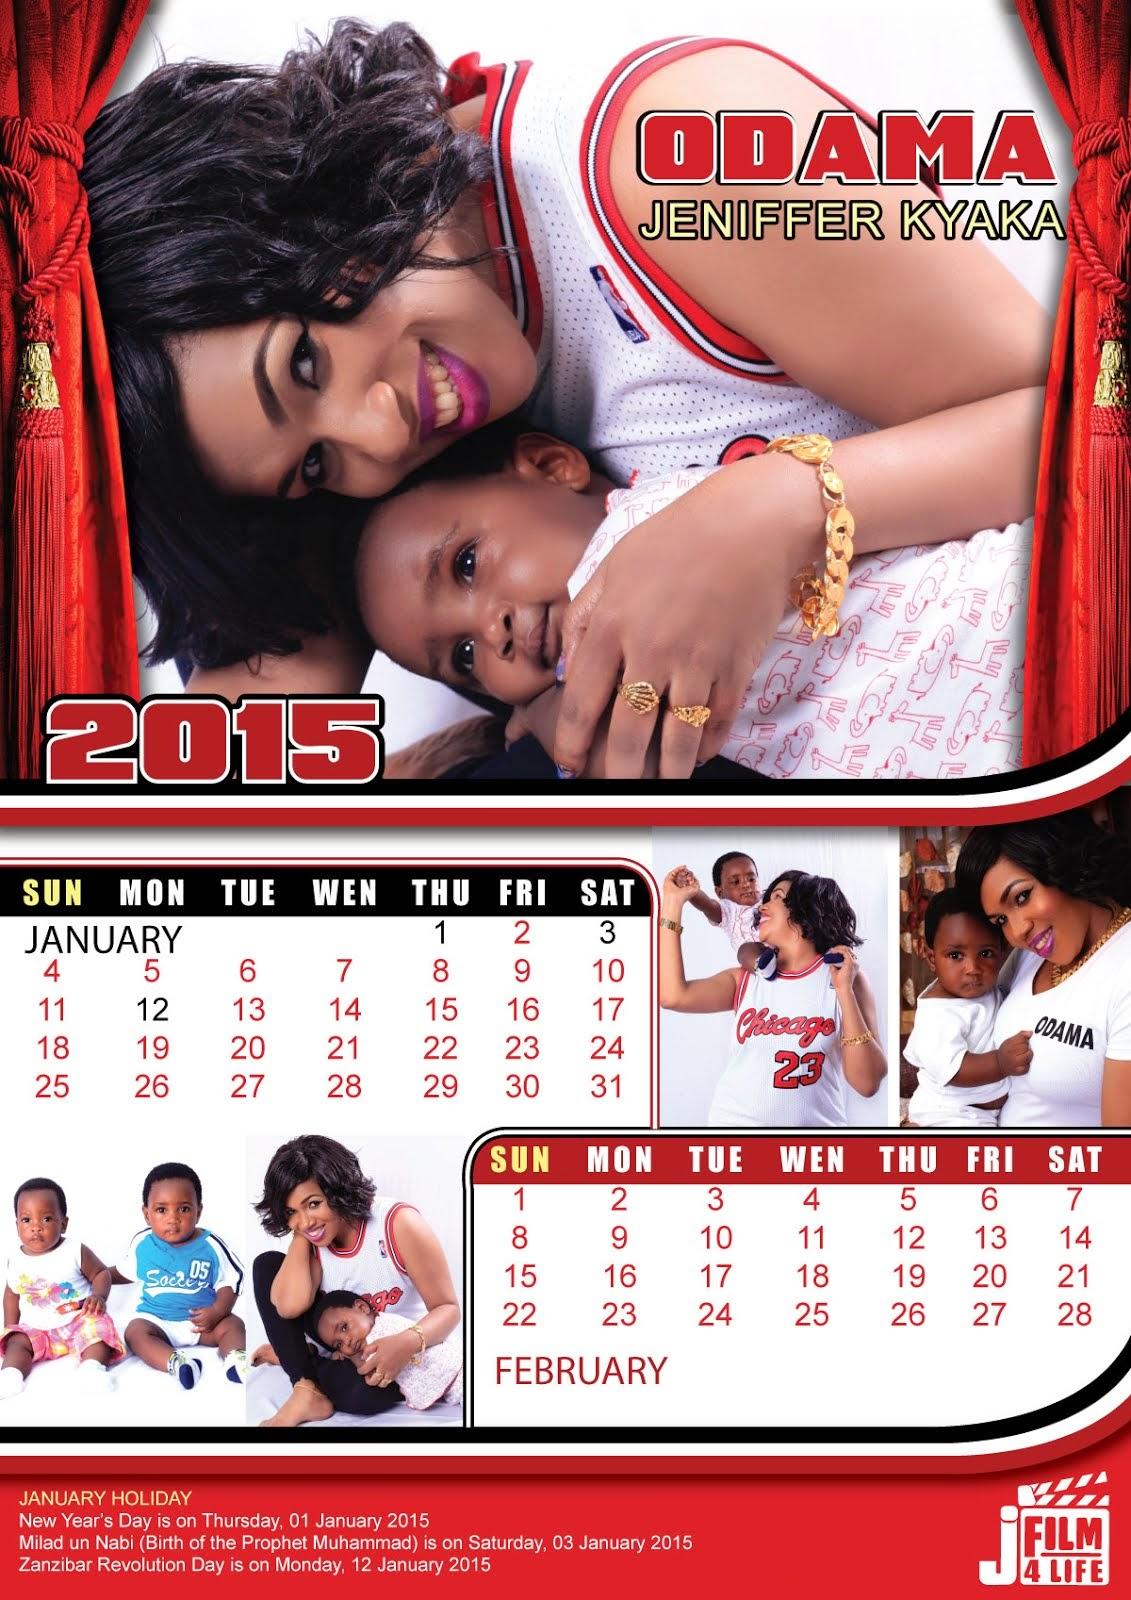 JANUARI 2015 KALENDA